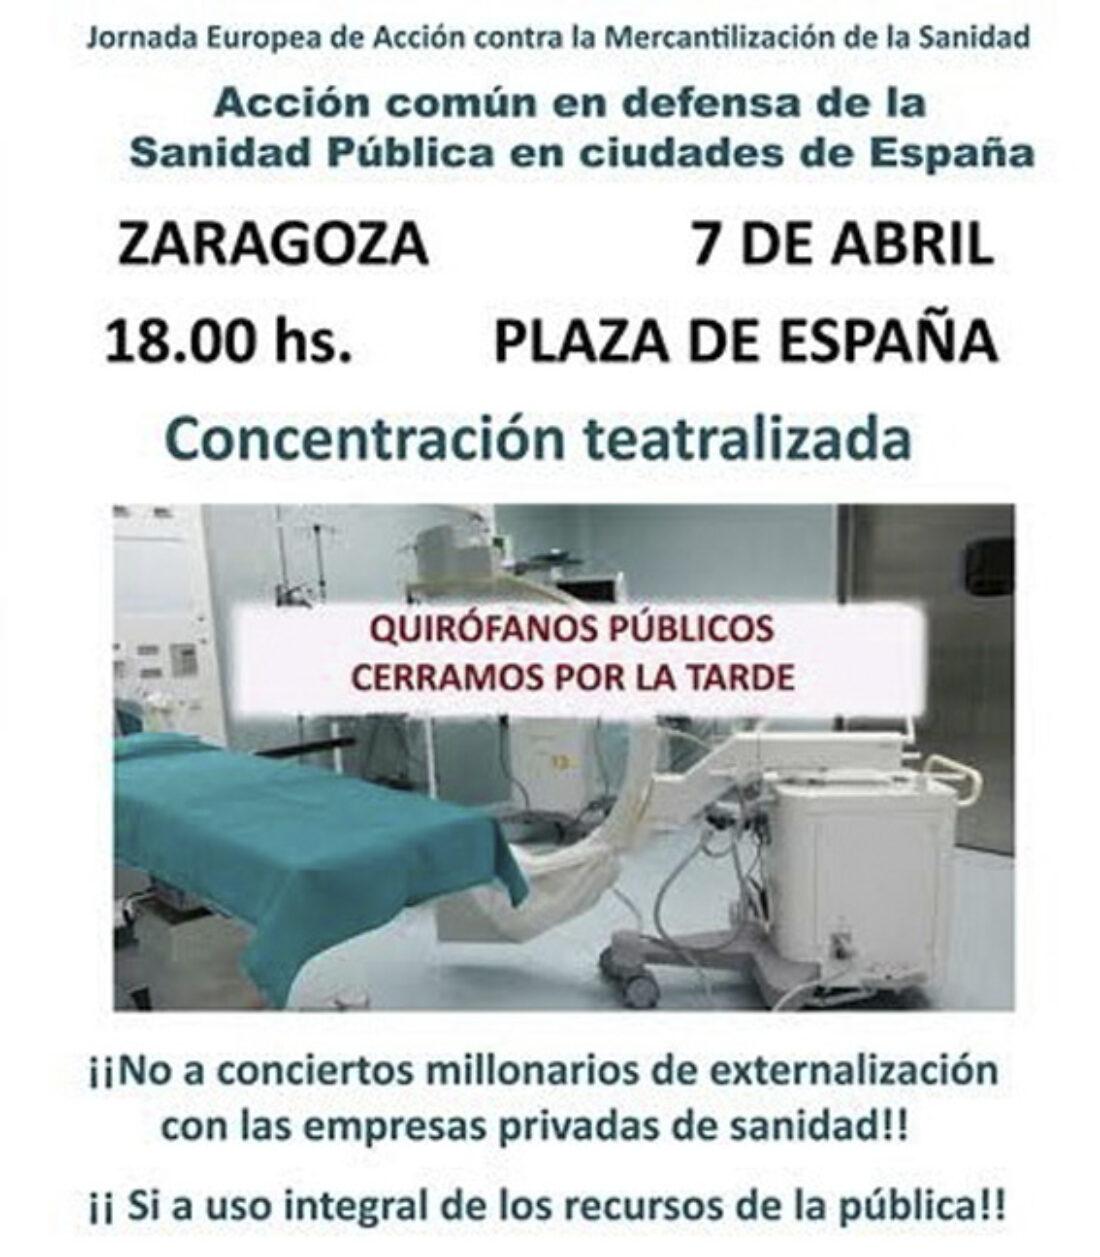 7-A:  Jornada Europea de Acción en defensa de la Sanidad Pública